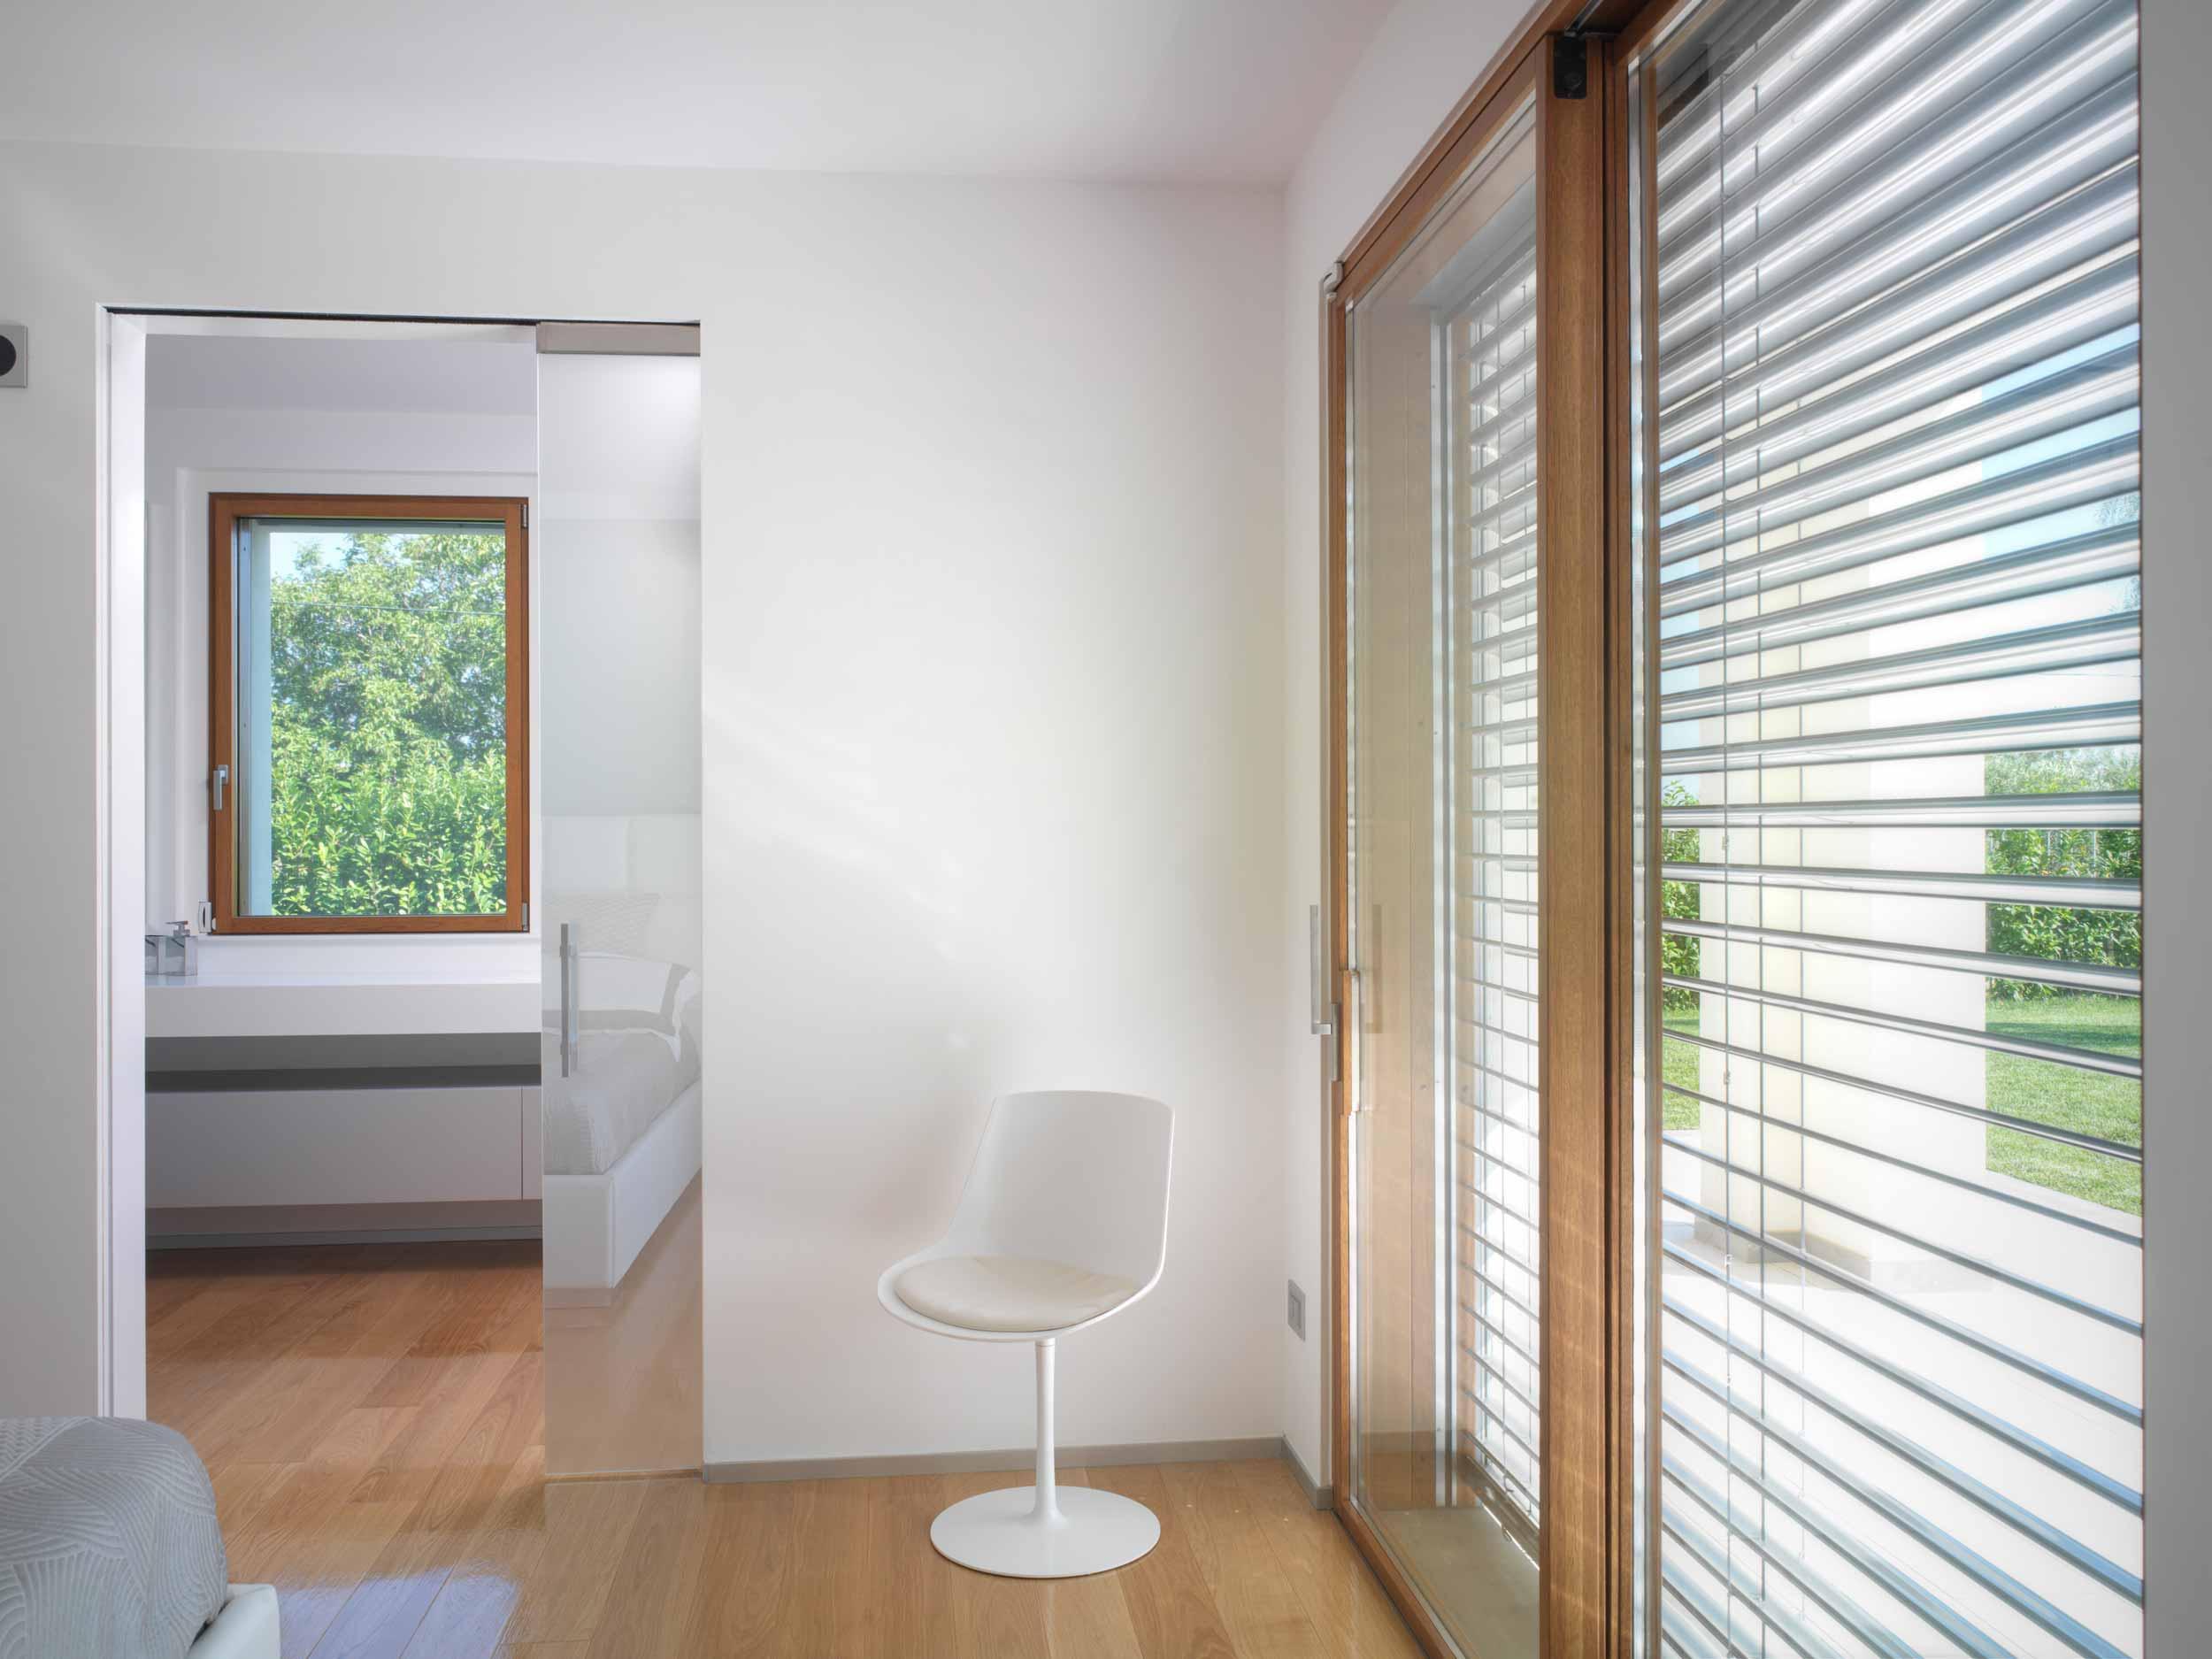 Alzante scorrevole in legno a due ante e finestra ad anta singola